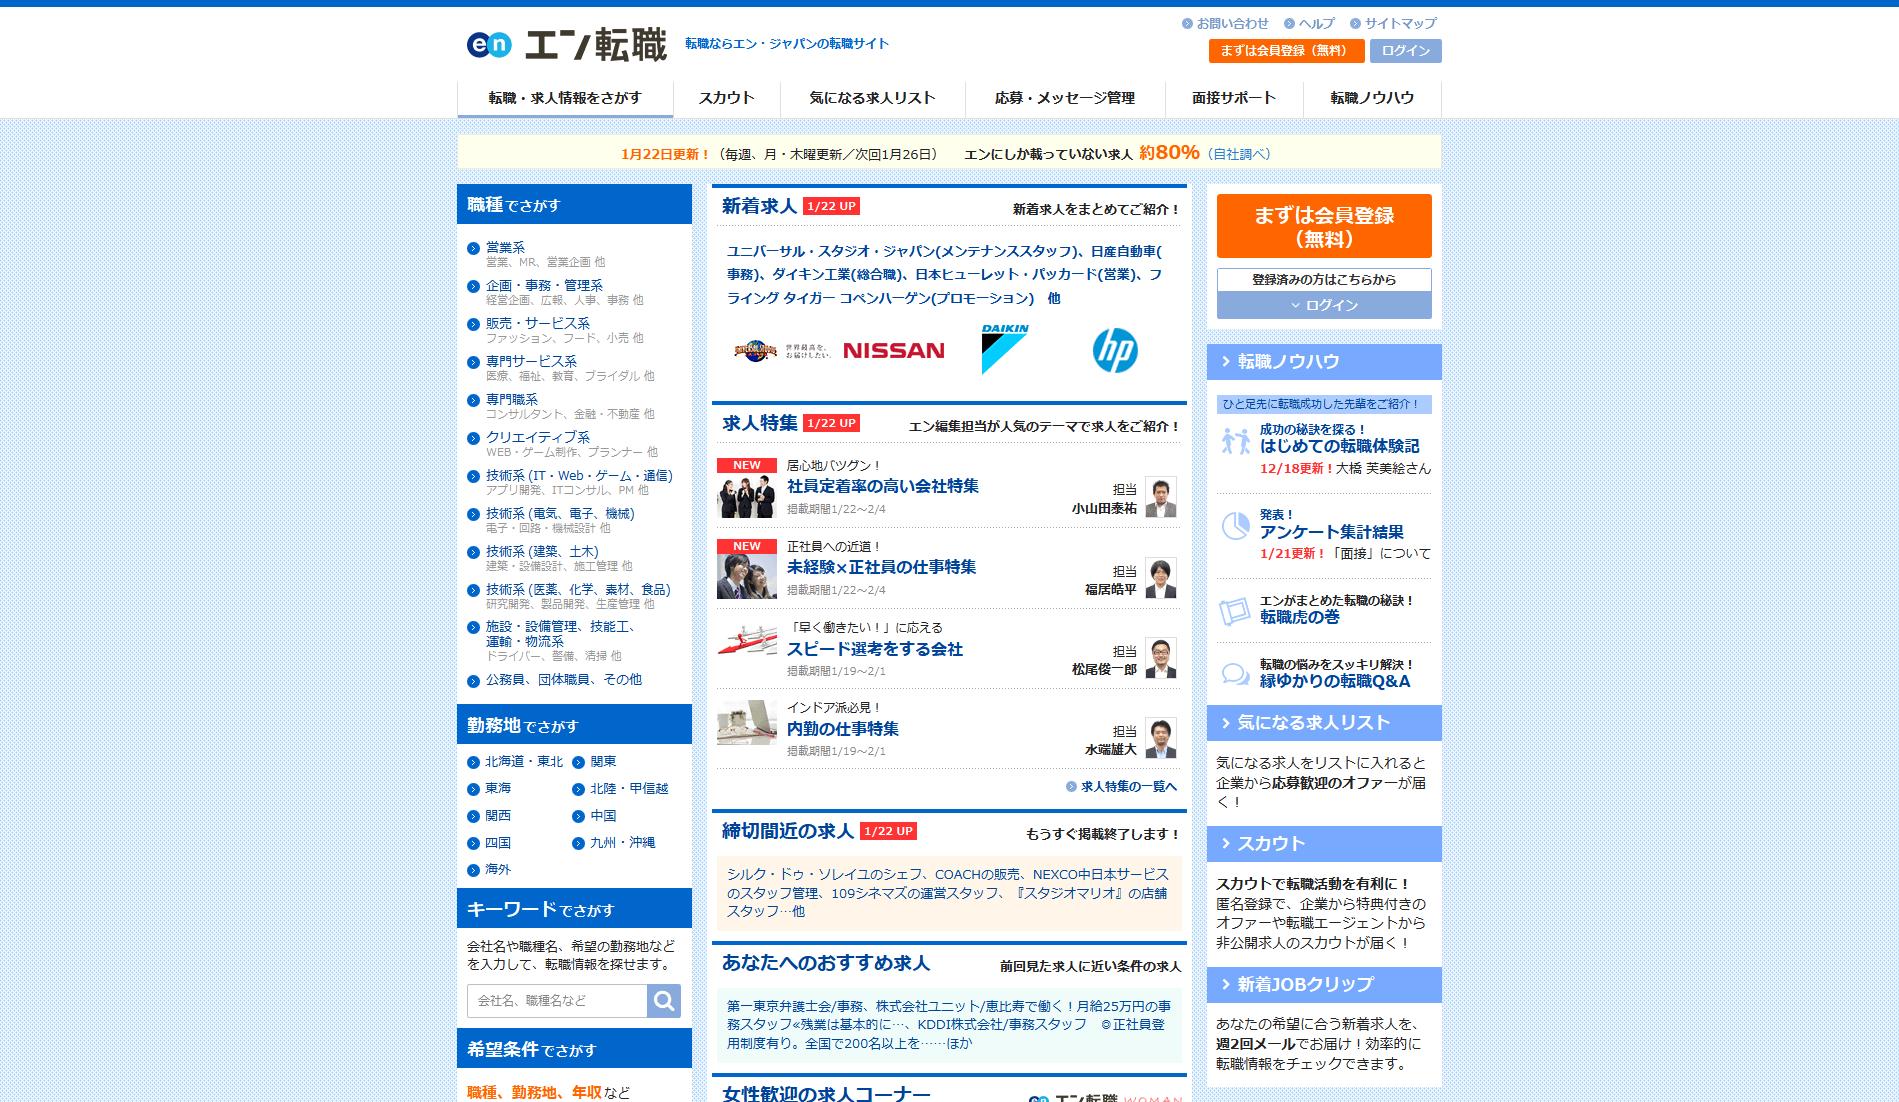 転職サイトなら日本最大級の【エン転職】|エンジャパン